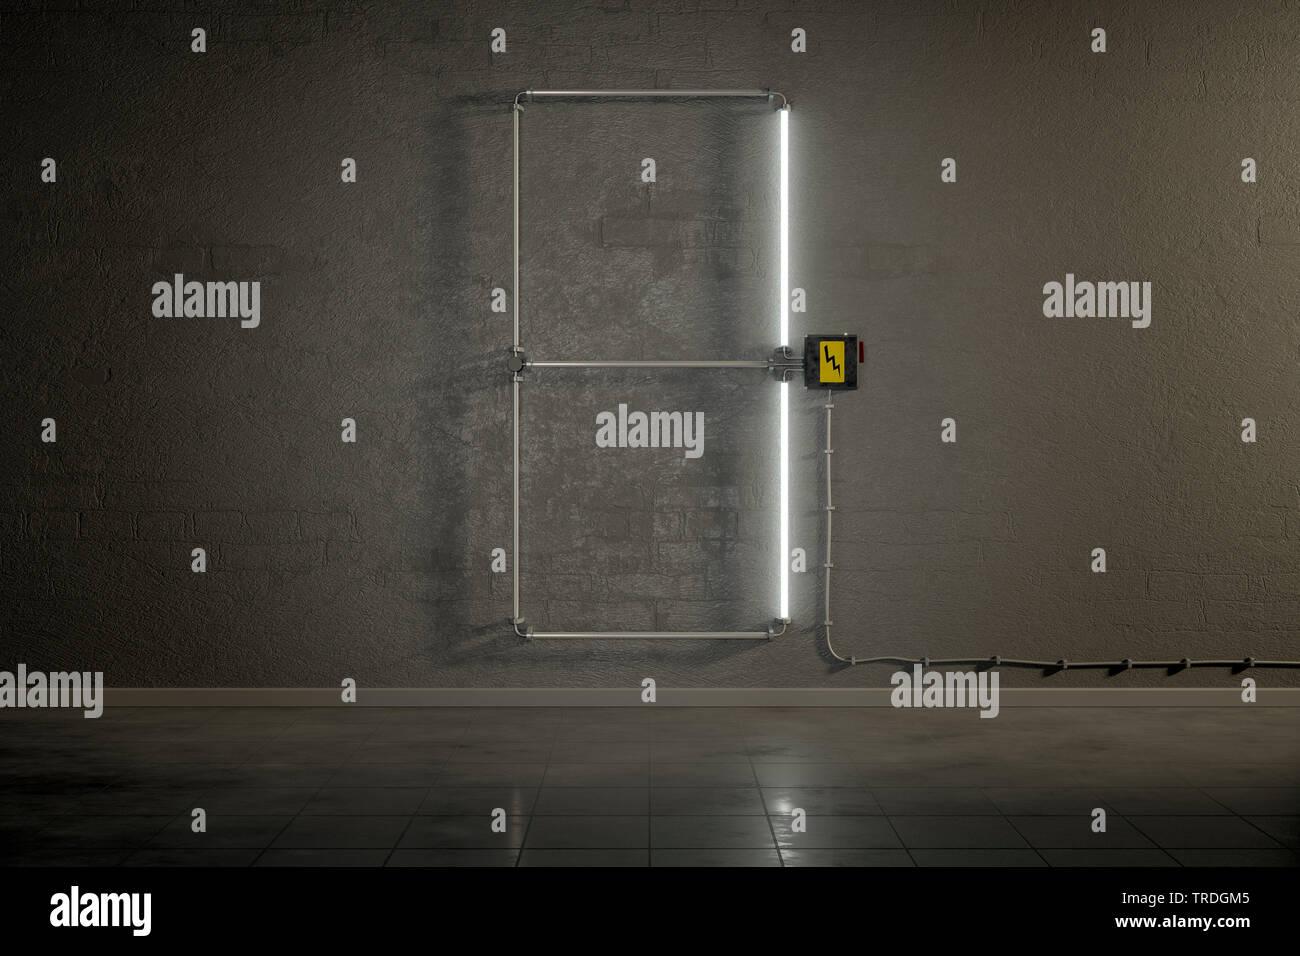 3D-Computergrafik, Einstellige Zaehler-Anzeige aus Neonlampen die Zahl 1 darstellend    3D computer graphic, one-digit counter built out of neon tubes - Stock Image